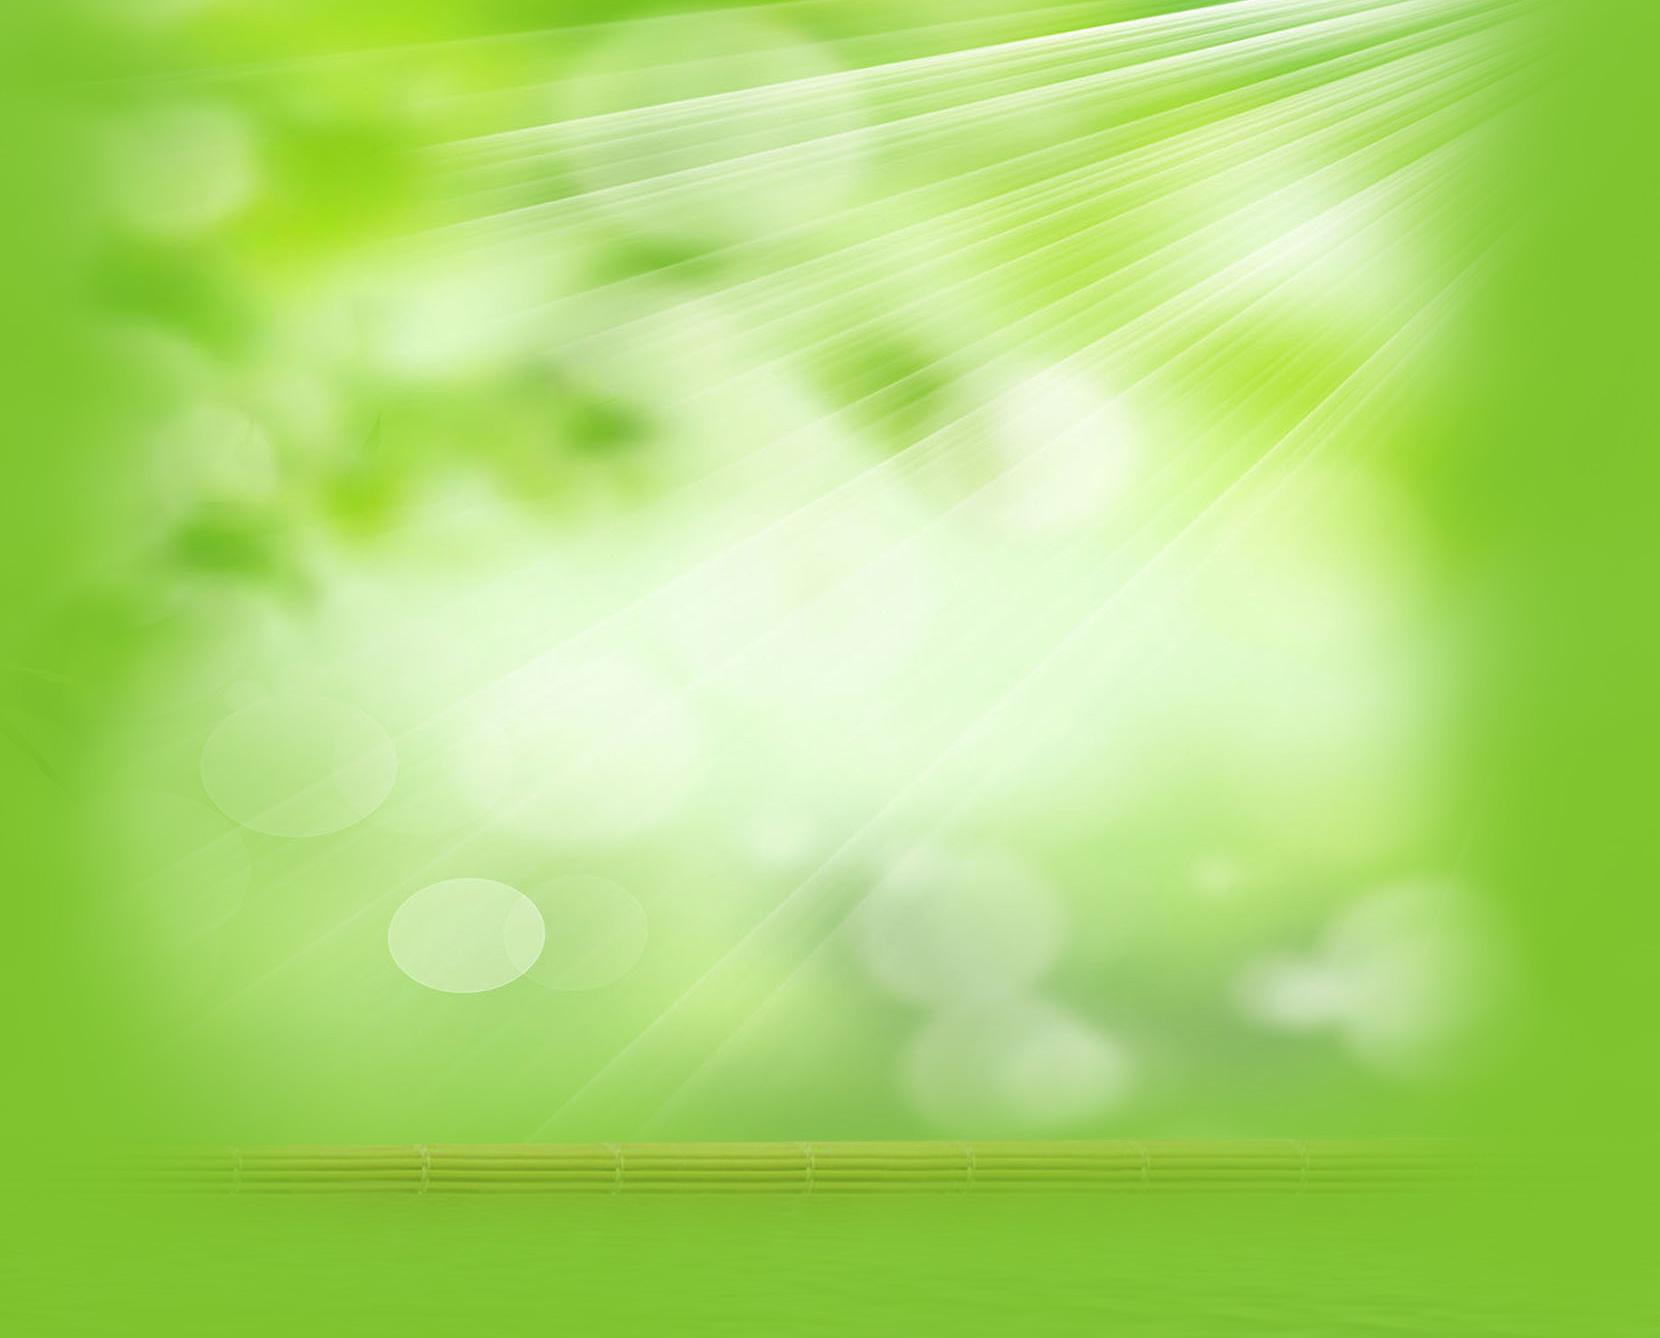 Rezeptewelt-background5